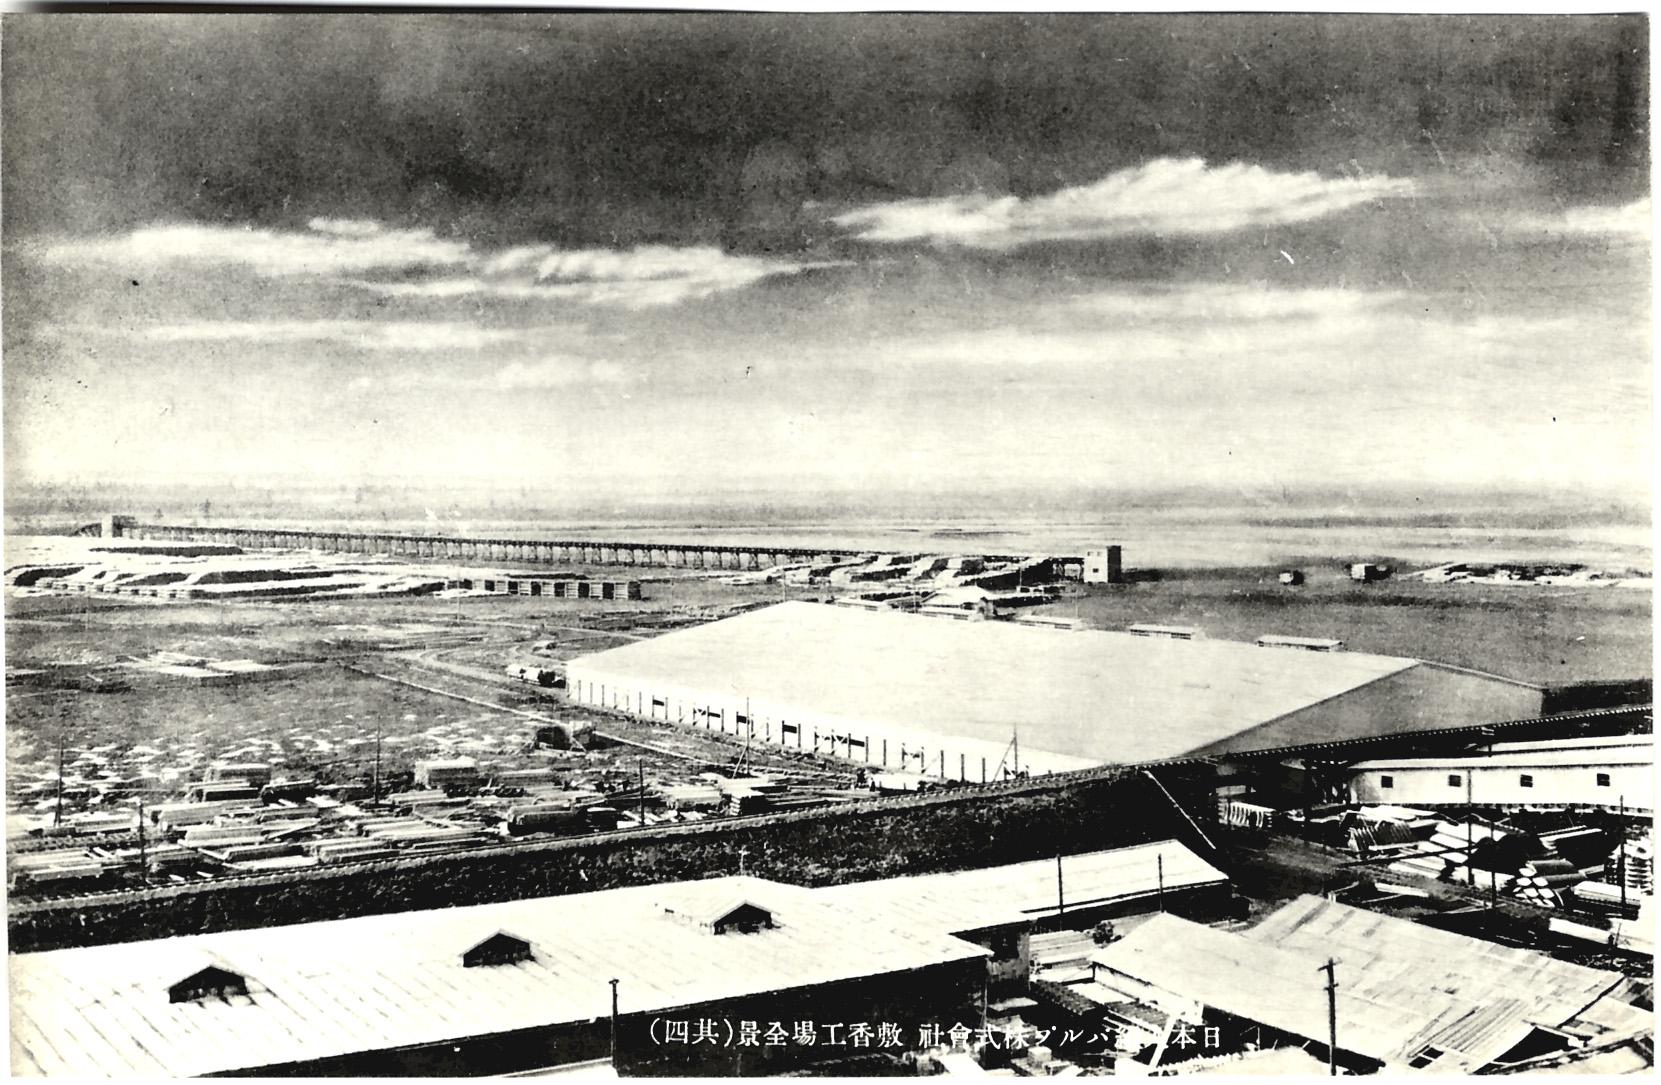 Панорамный вид целлюлозно-бумажной фабрики в г. Сикука. 1 из 4.